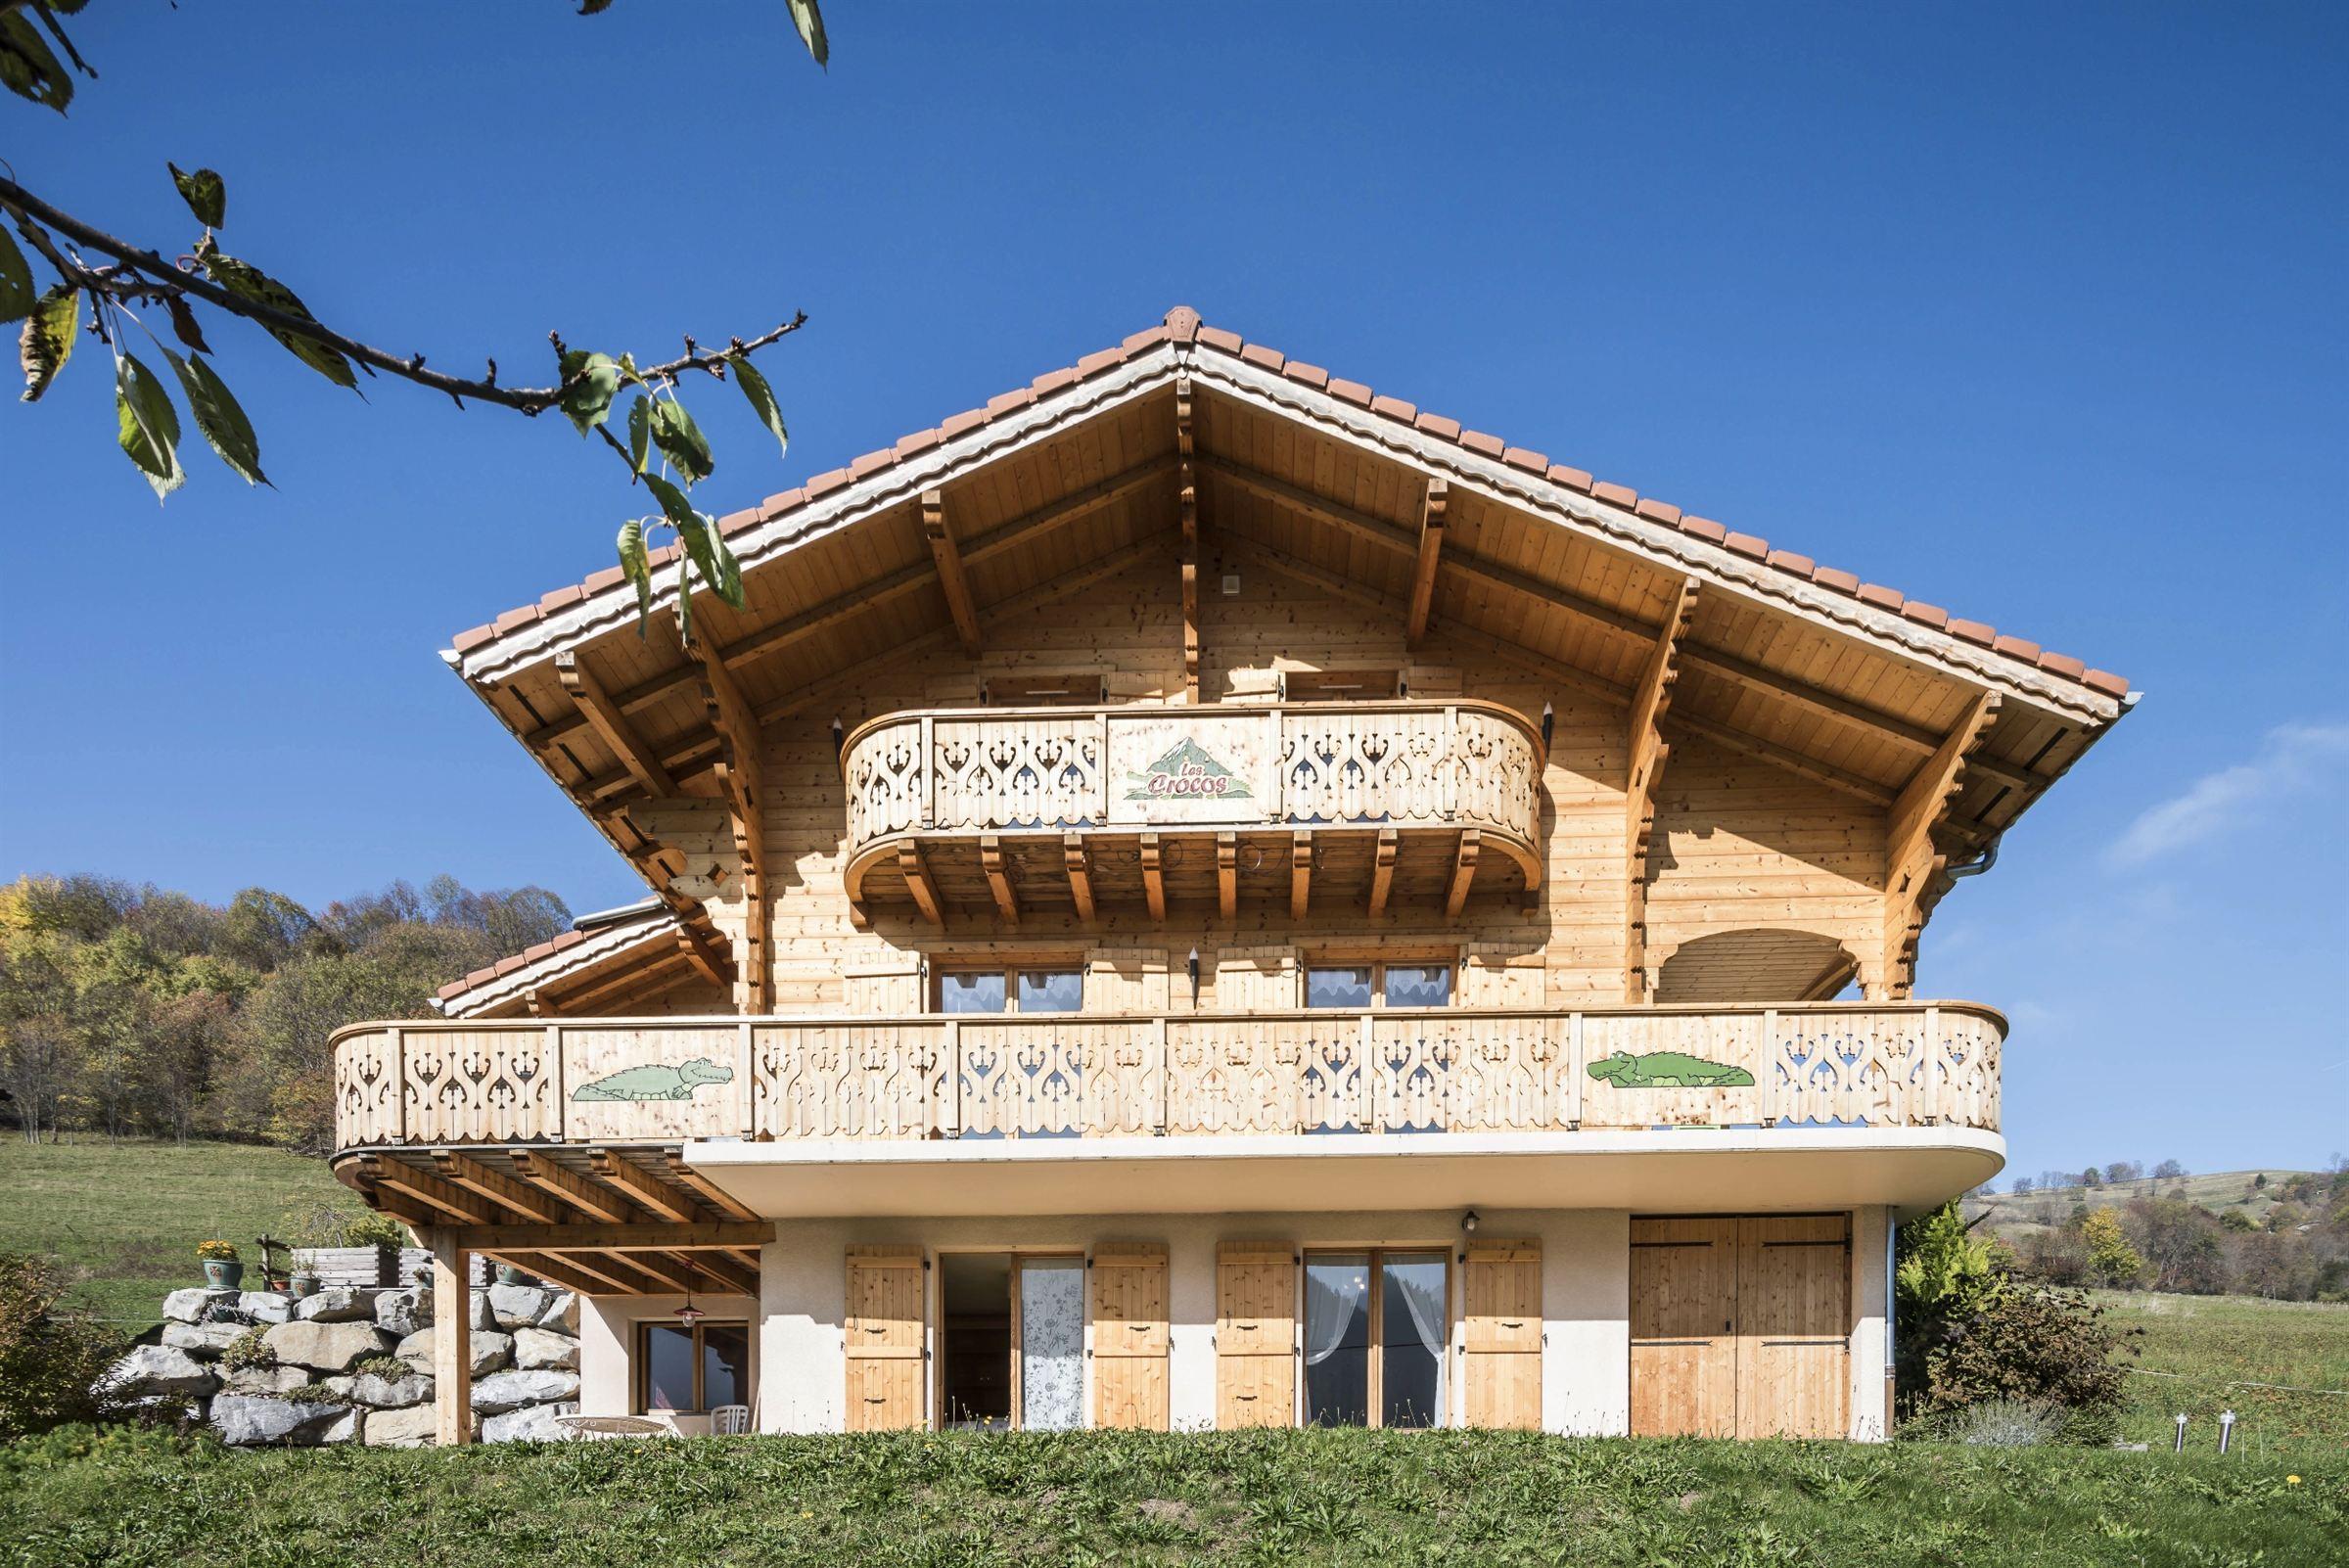 Casa Unifamiliar por un Venta en BERNEX : planks chalet Bernex, Ródano-Alpes, 74500 Francia